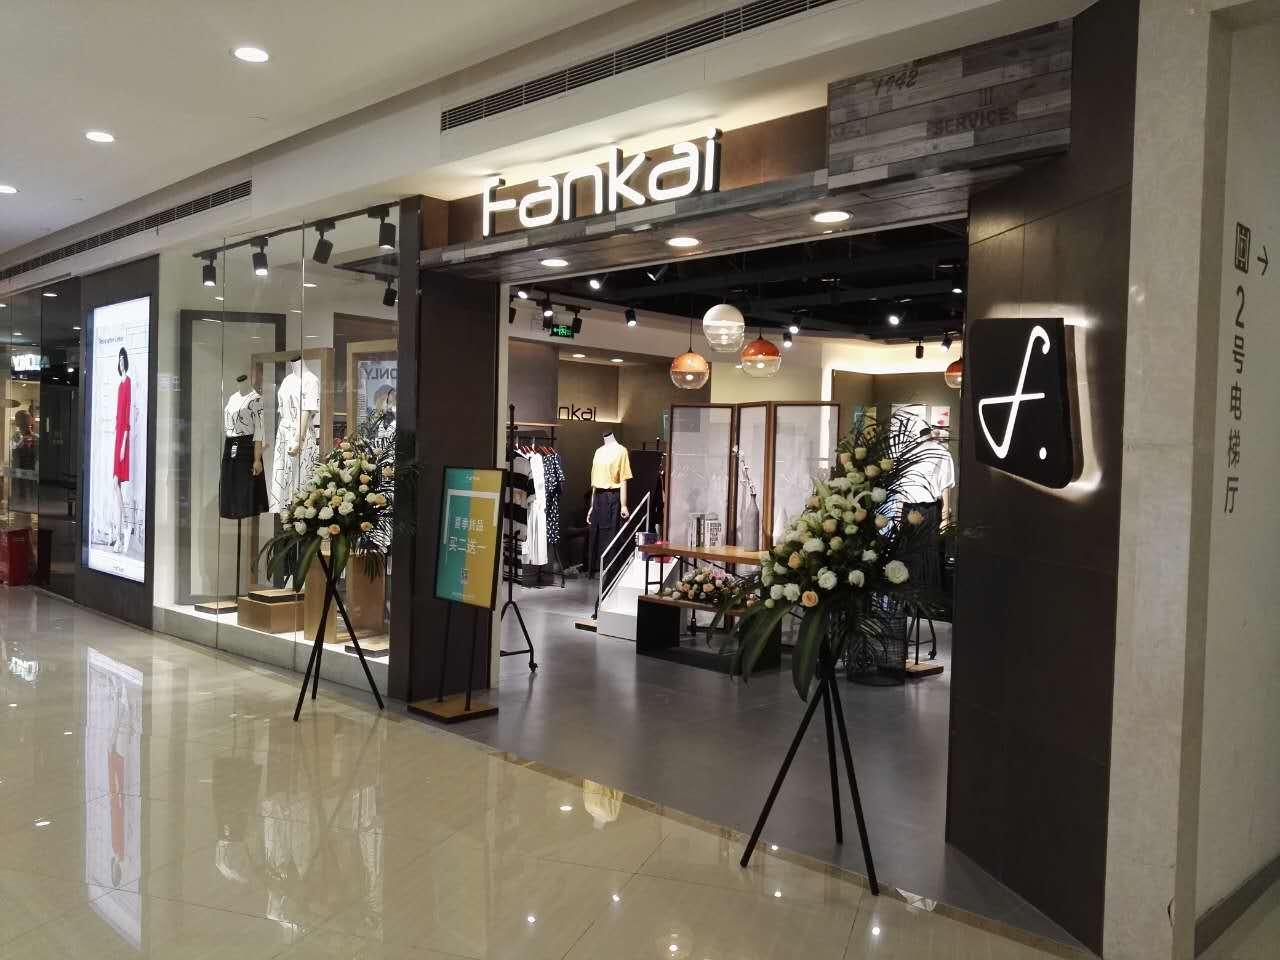 FANKAI梵凯店铺展示